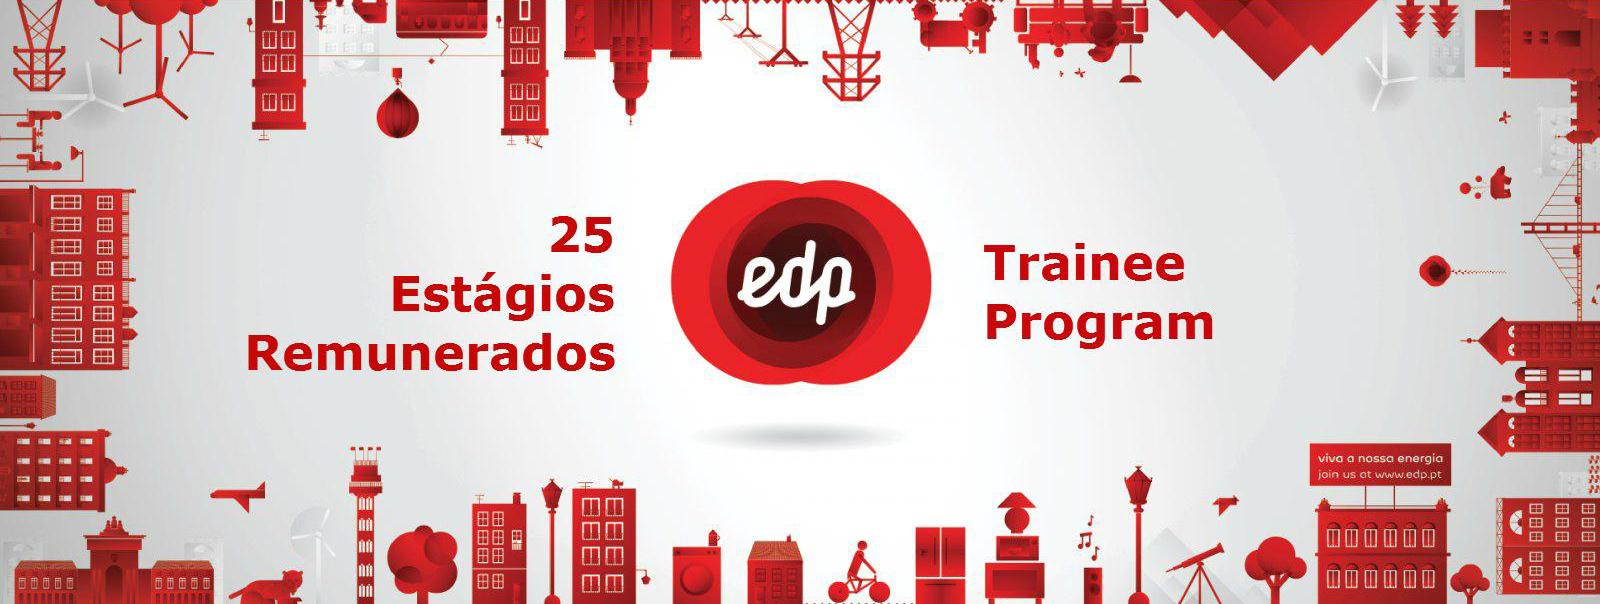 2ª edição do EDP Trainee Program